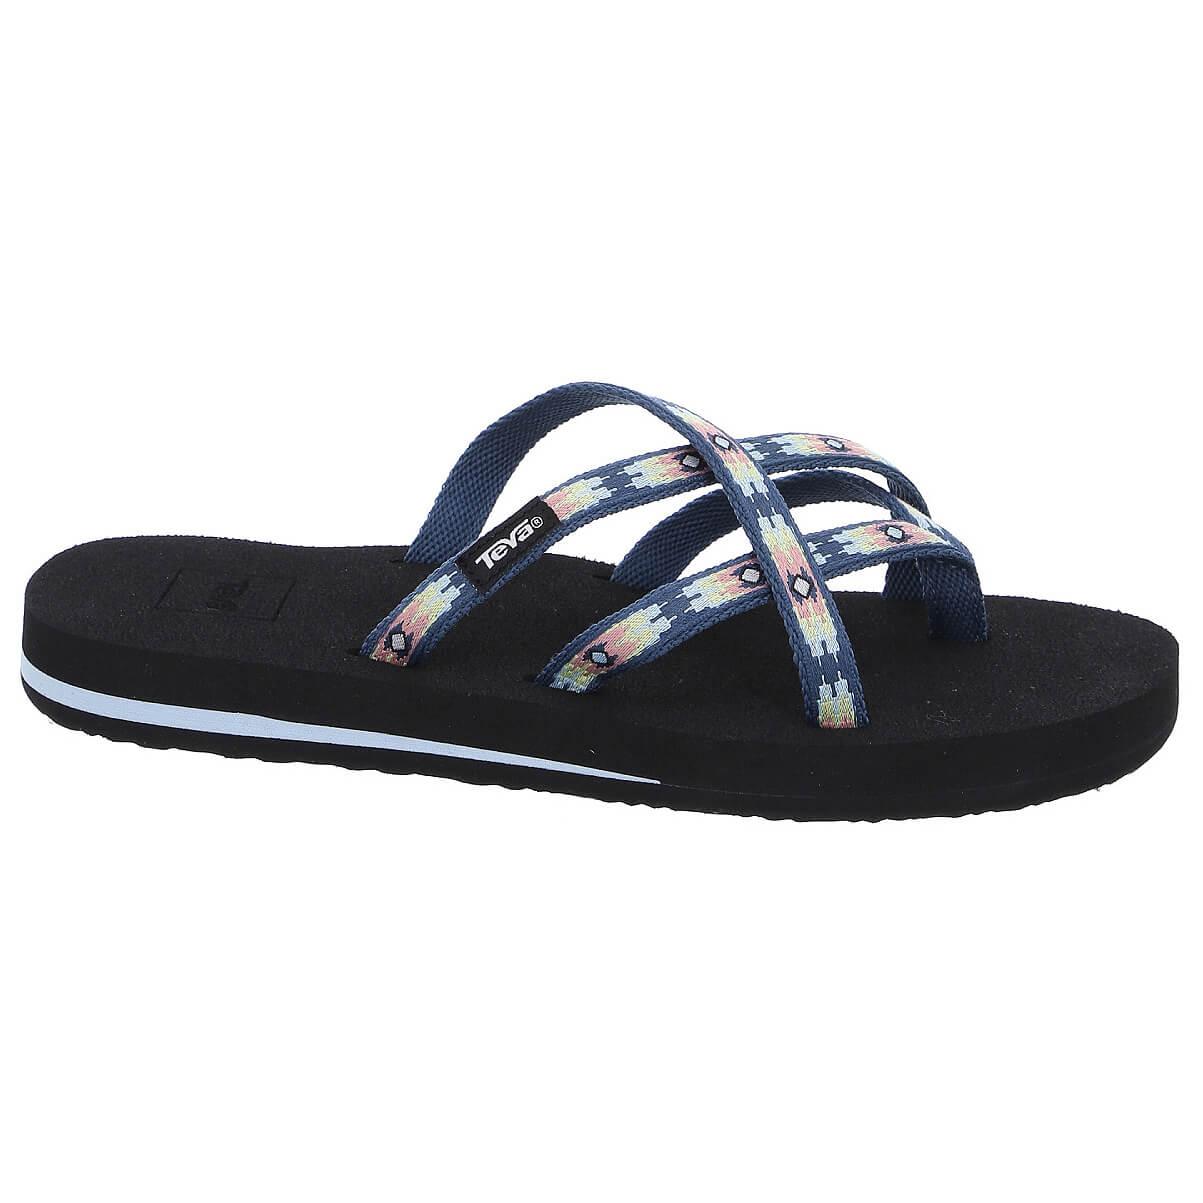 Buy Teva Shoes Online Uk